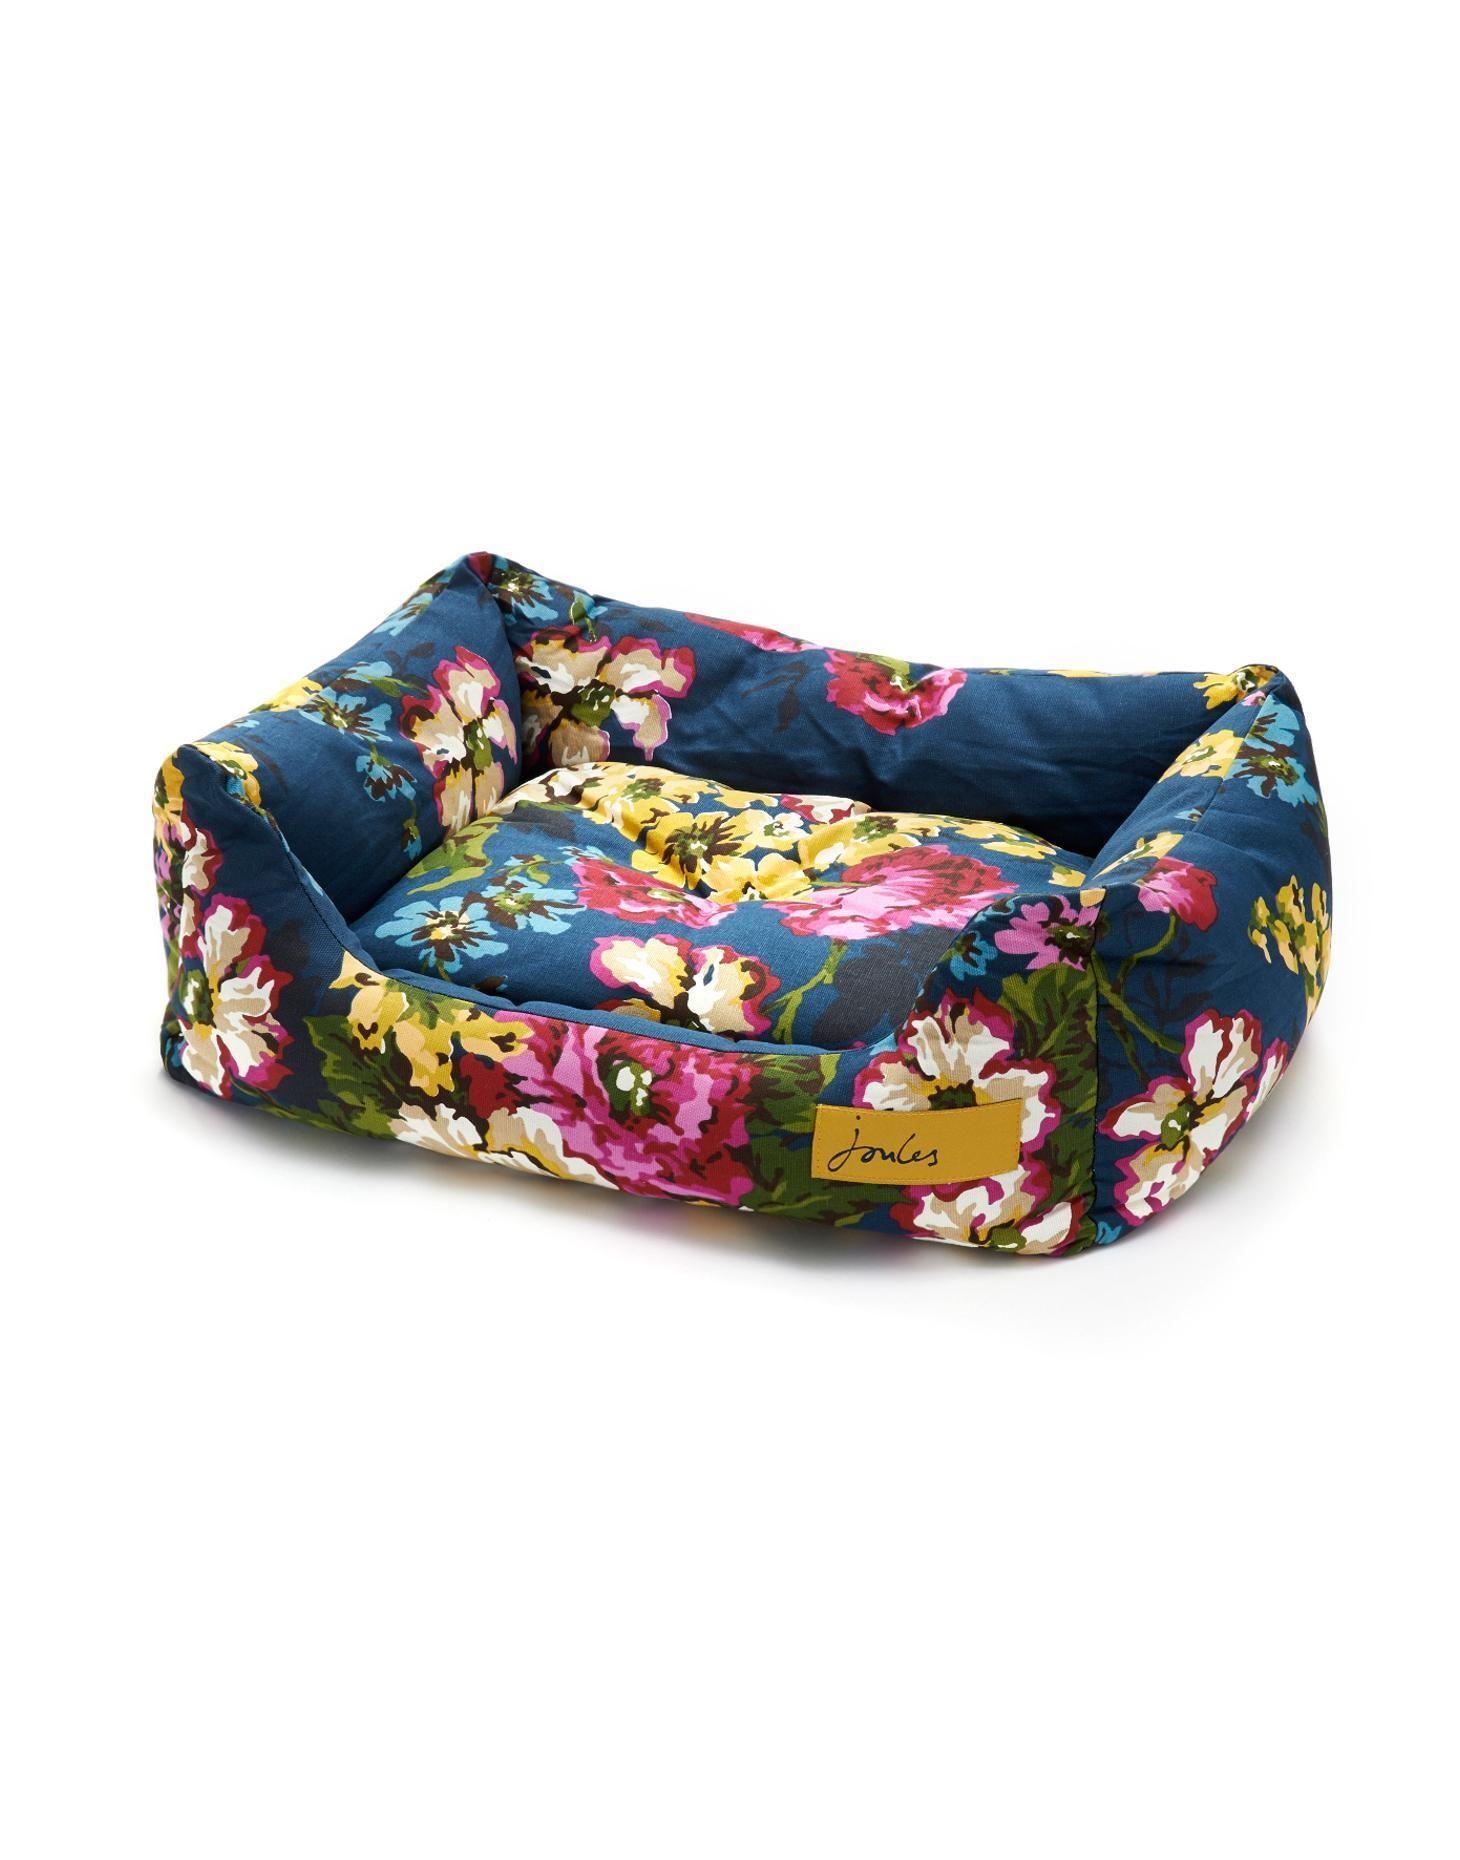 Navy Floral Snugglebed Square Dog Bed Joules UK Dog